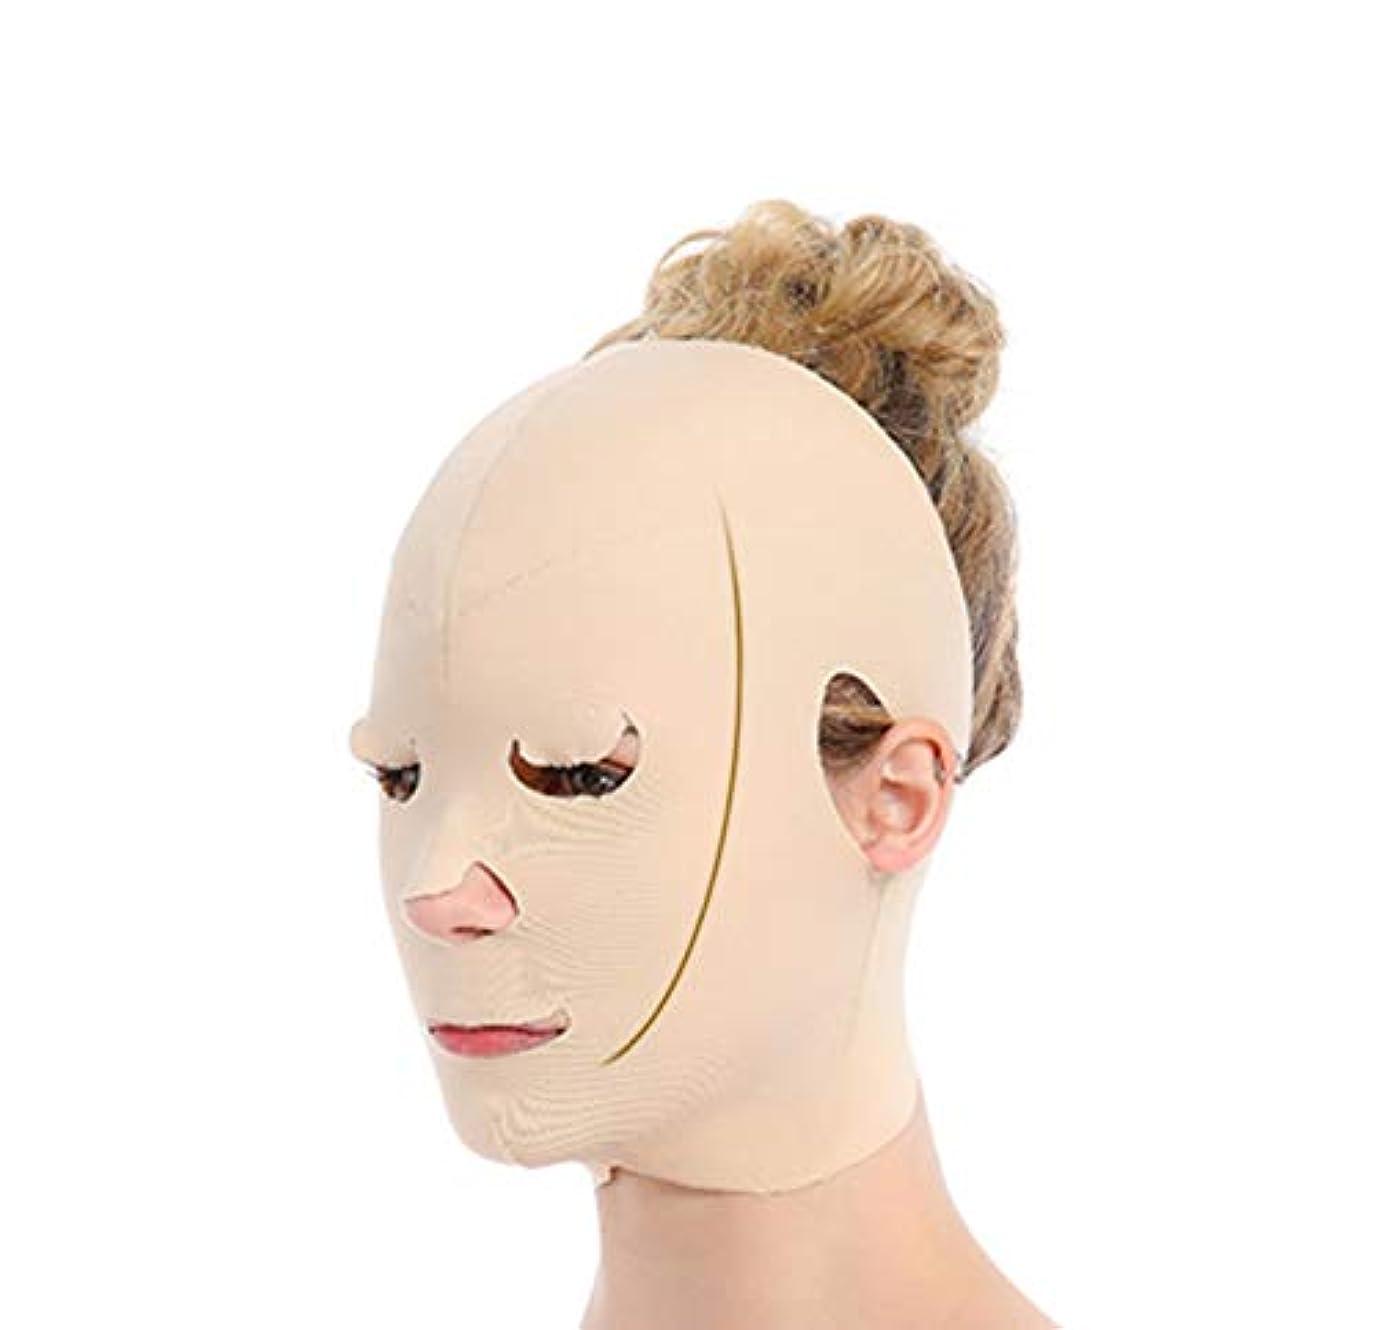 ラオス人ギャラリー入口小さな顔ツールv顔包帯薄い顔美容マスク怠惰な睡眠マスク男性と女性v顔包帯整形リフティング引き締め顔薄い二重あご